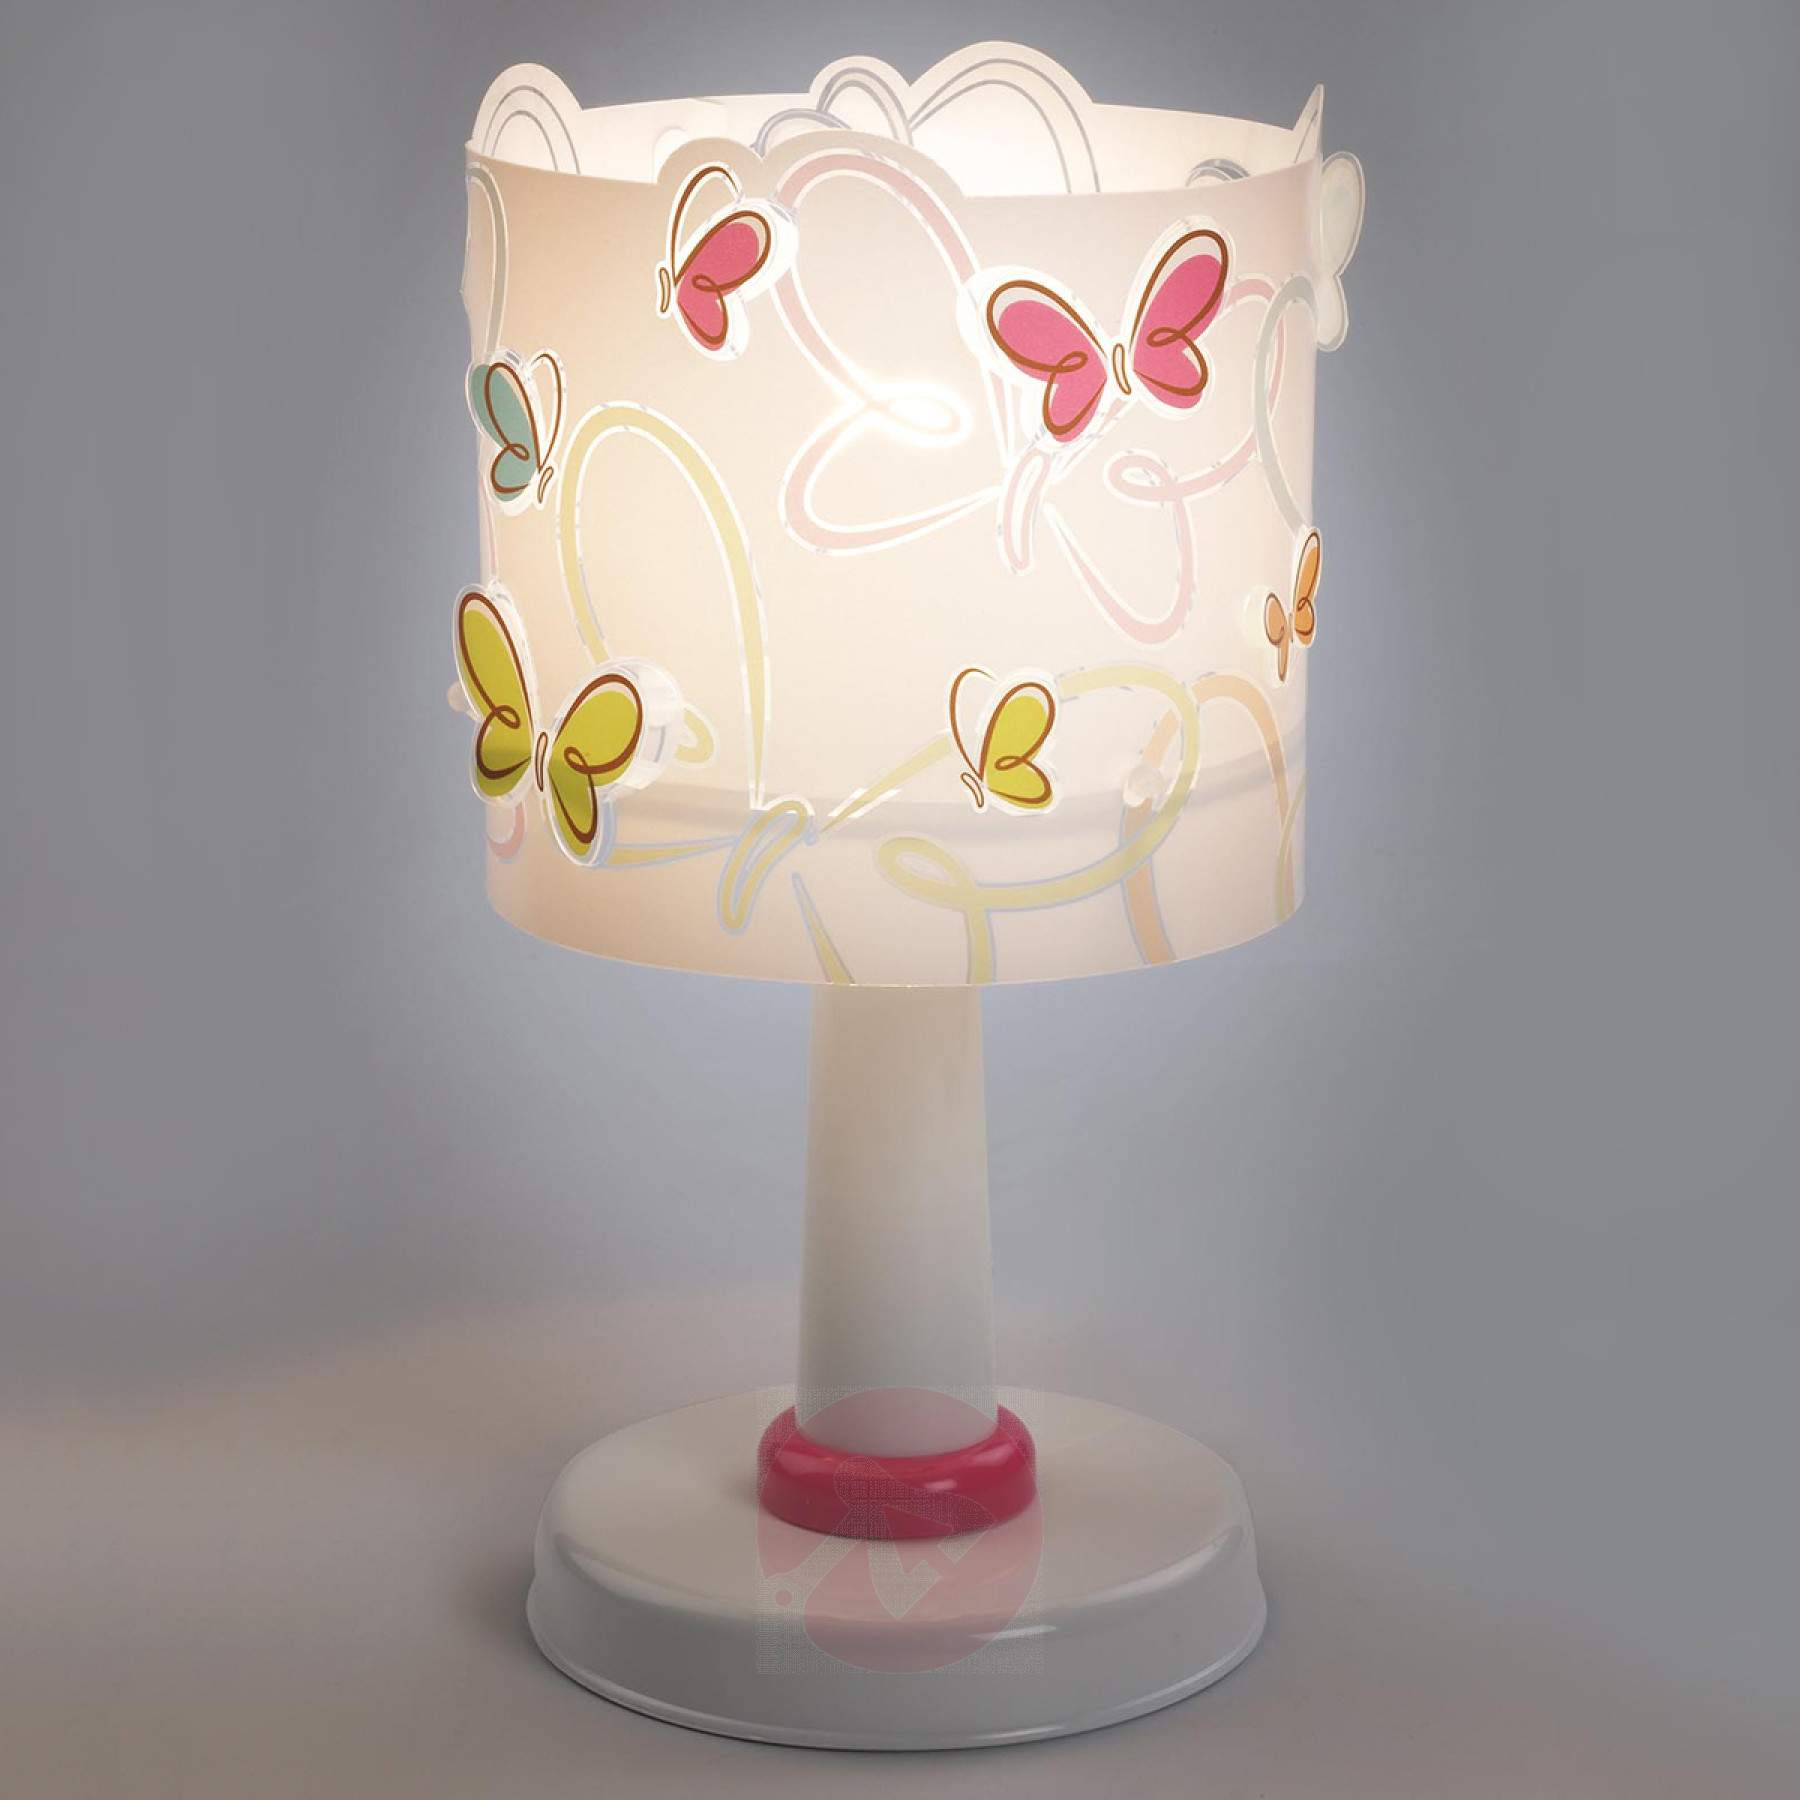 Full Size of Butterfly Se Tischleuchte Frs Kinderzimmer Kaufen Lampenweltde Regal Wohnzimmer Stehlampe Regale Stehlampen Schlafzimmer Sofa Weiß Kinderzimmer Stehlampe Kinderzimmer